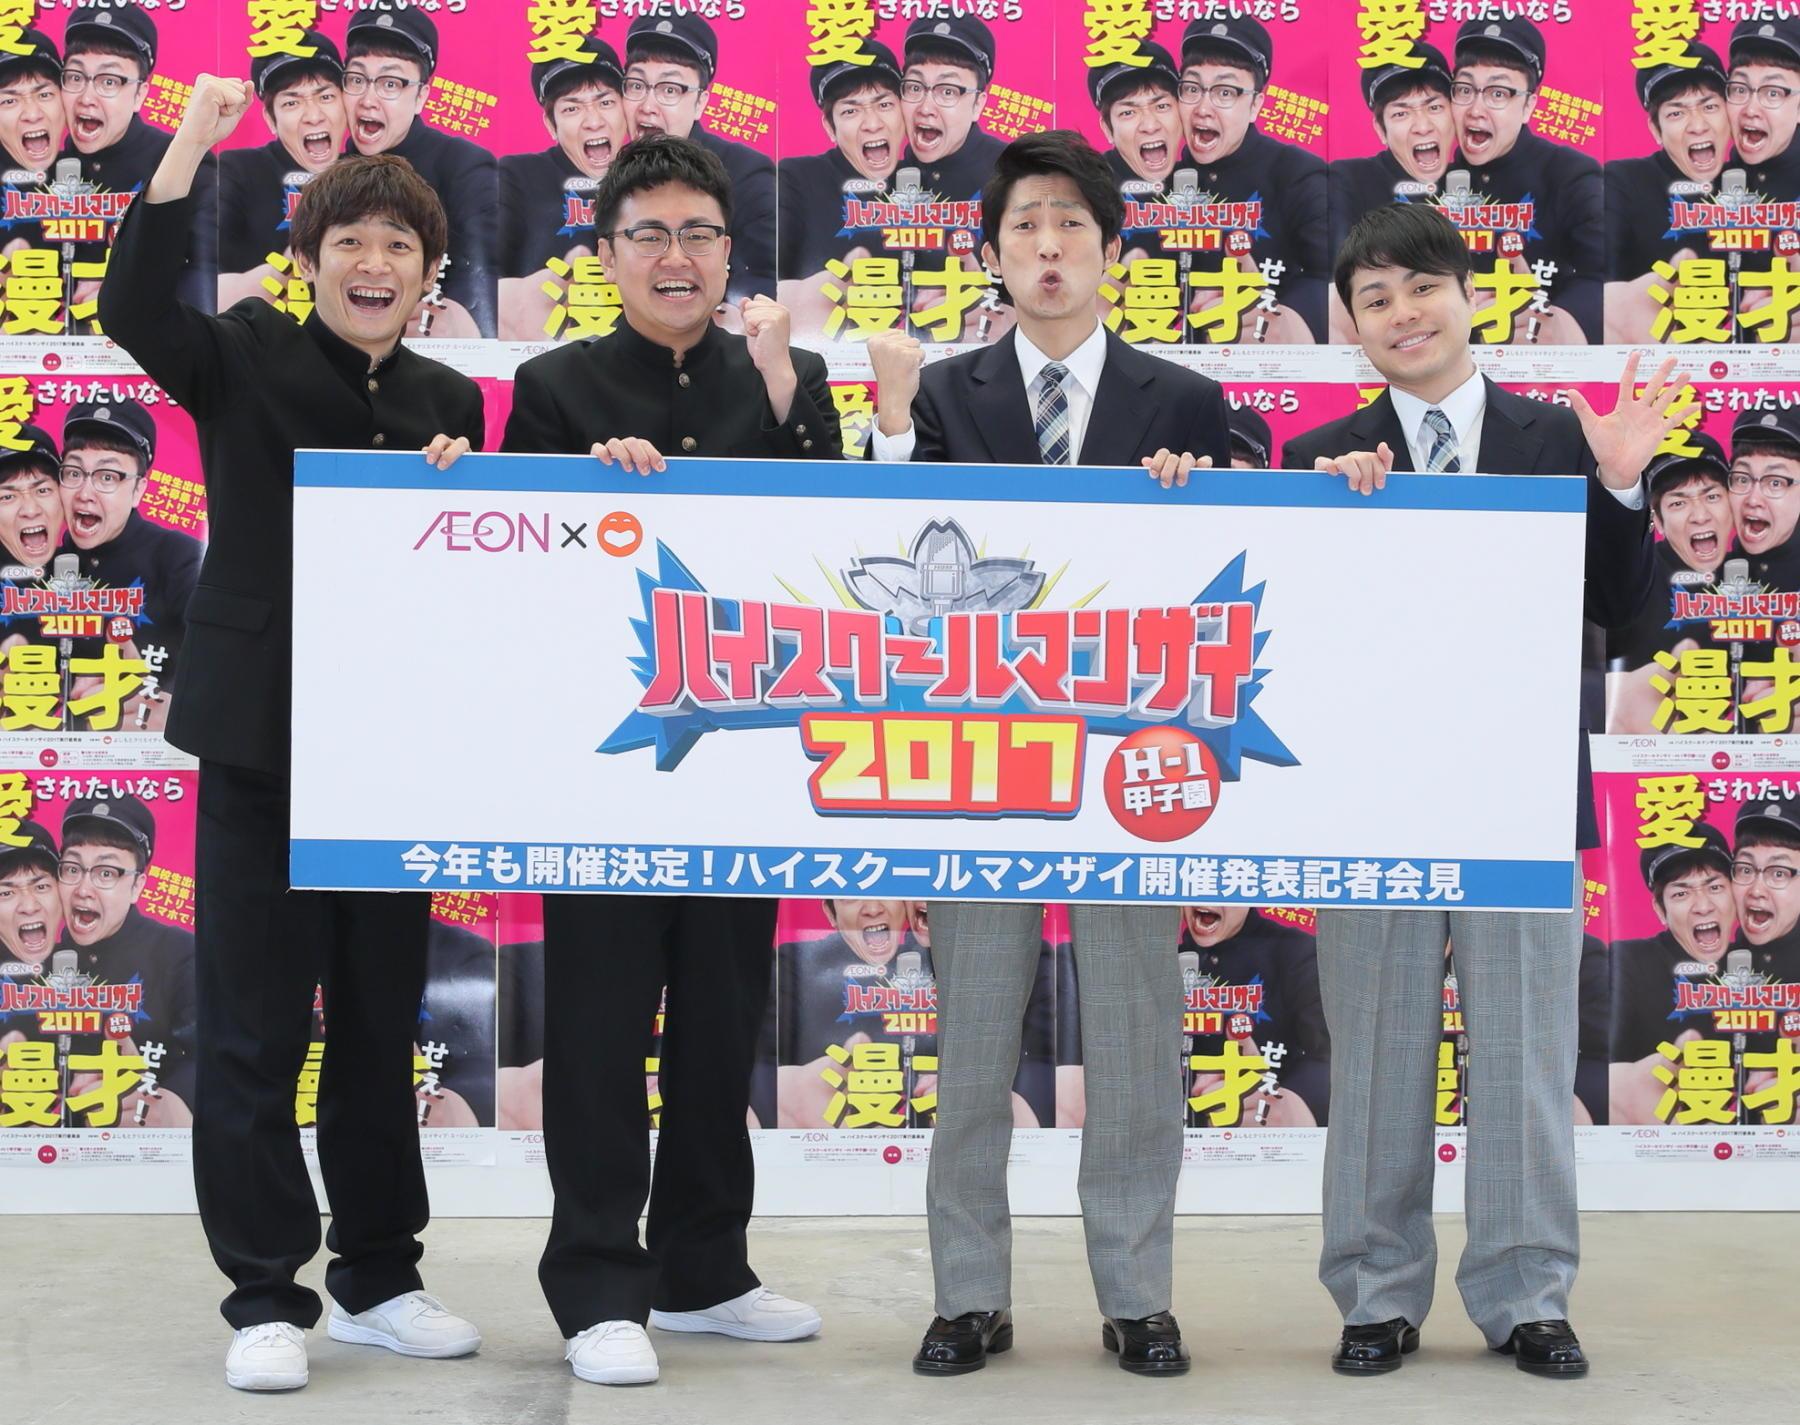 http://news.yoshimoto.co.jp/20170413155839-db46a6d320d6b9eea6b8c37897178e5c8cd2ea6f.jpg